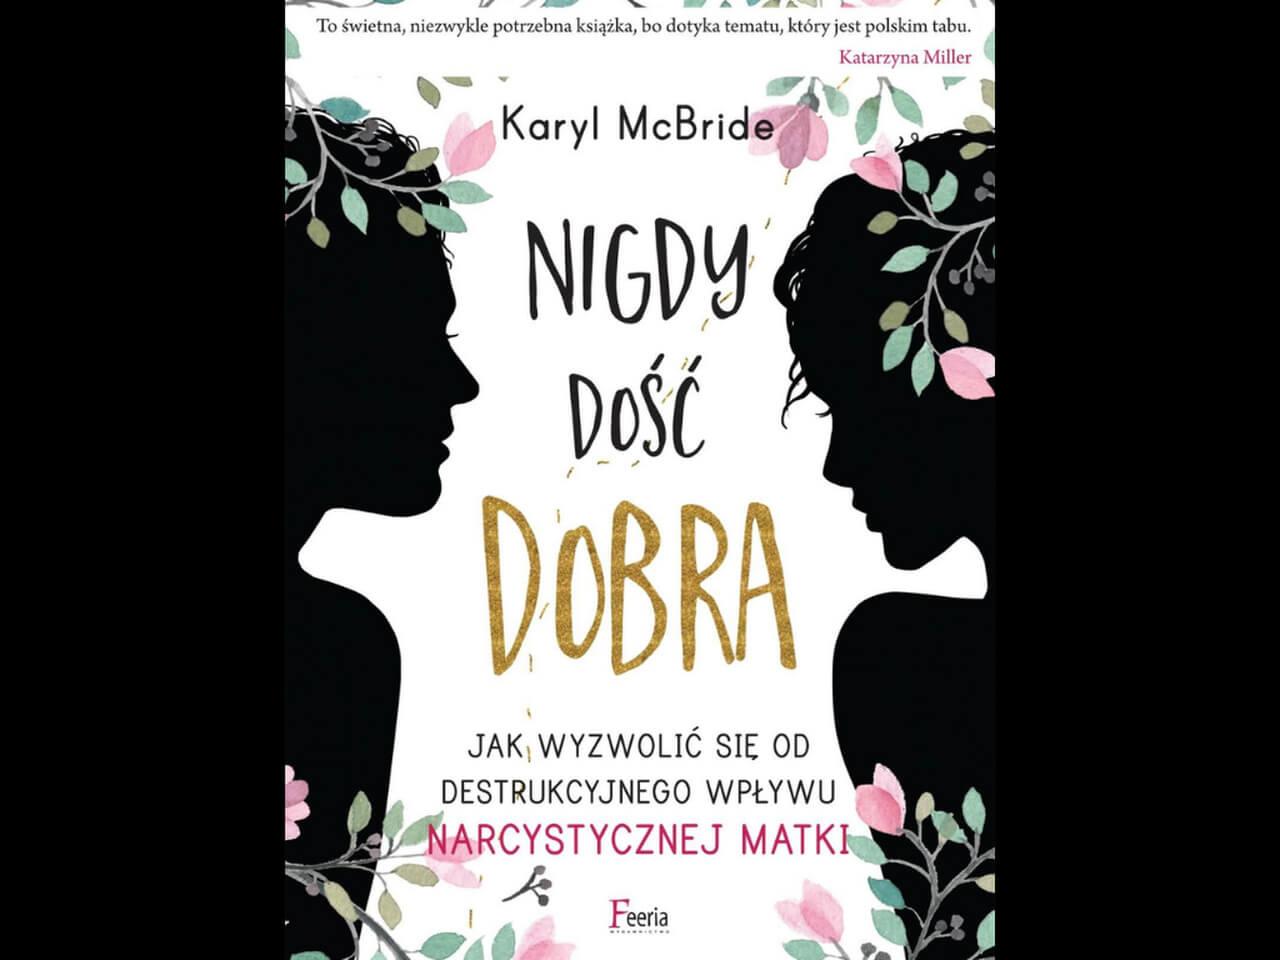 """Okładka książki """"Nigdy dość dobra"""" Karyl McBride"""